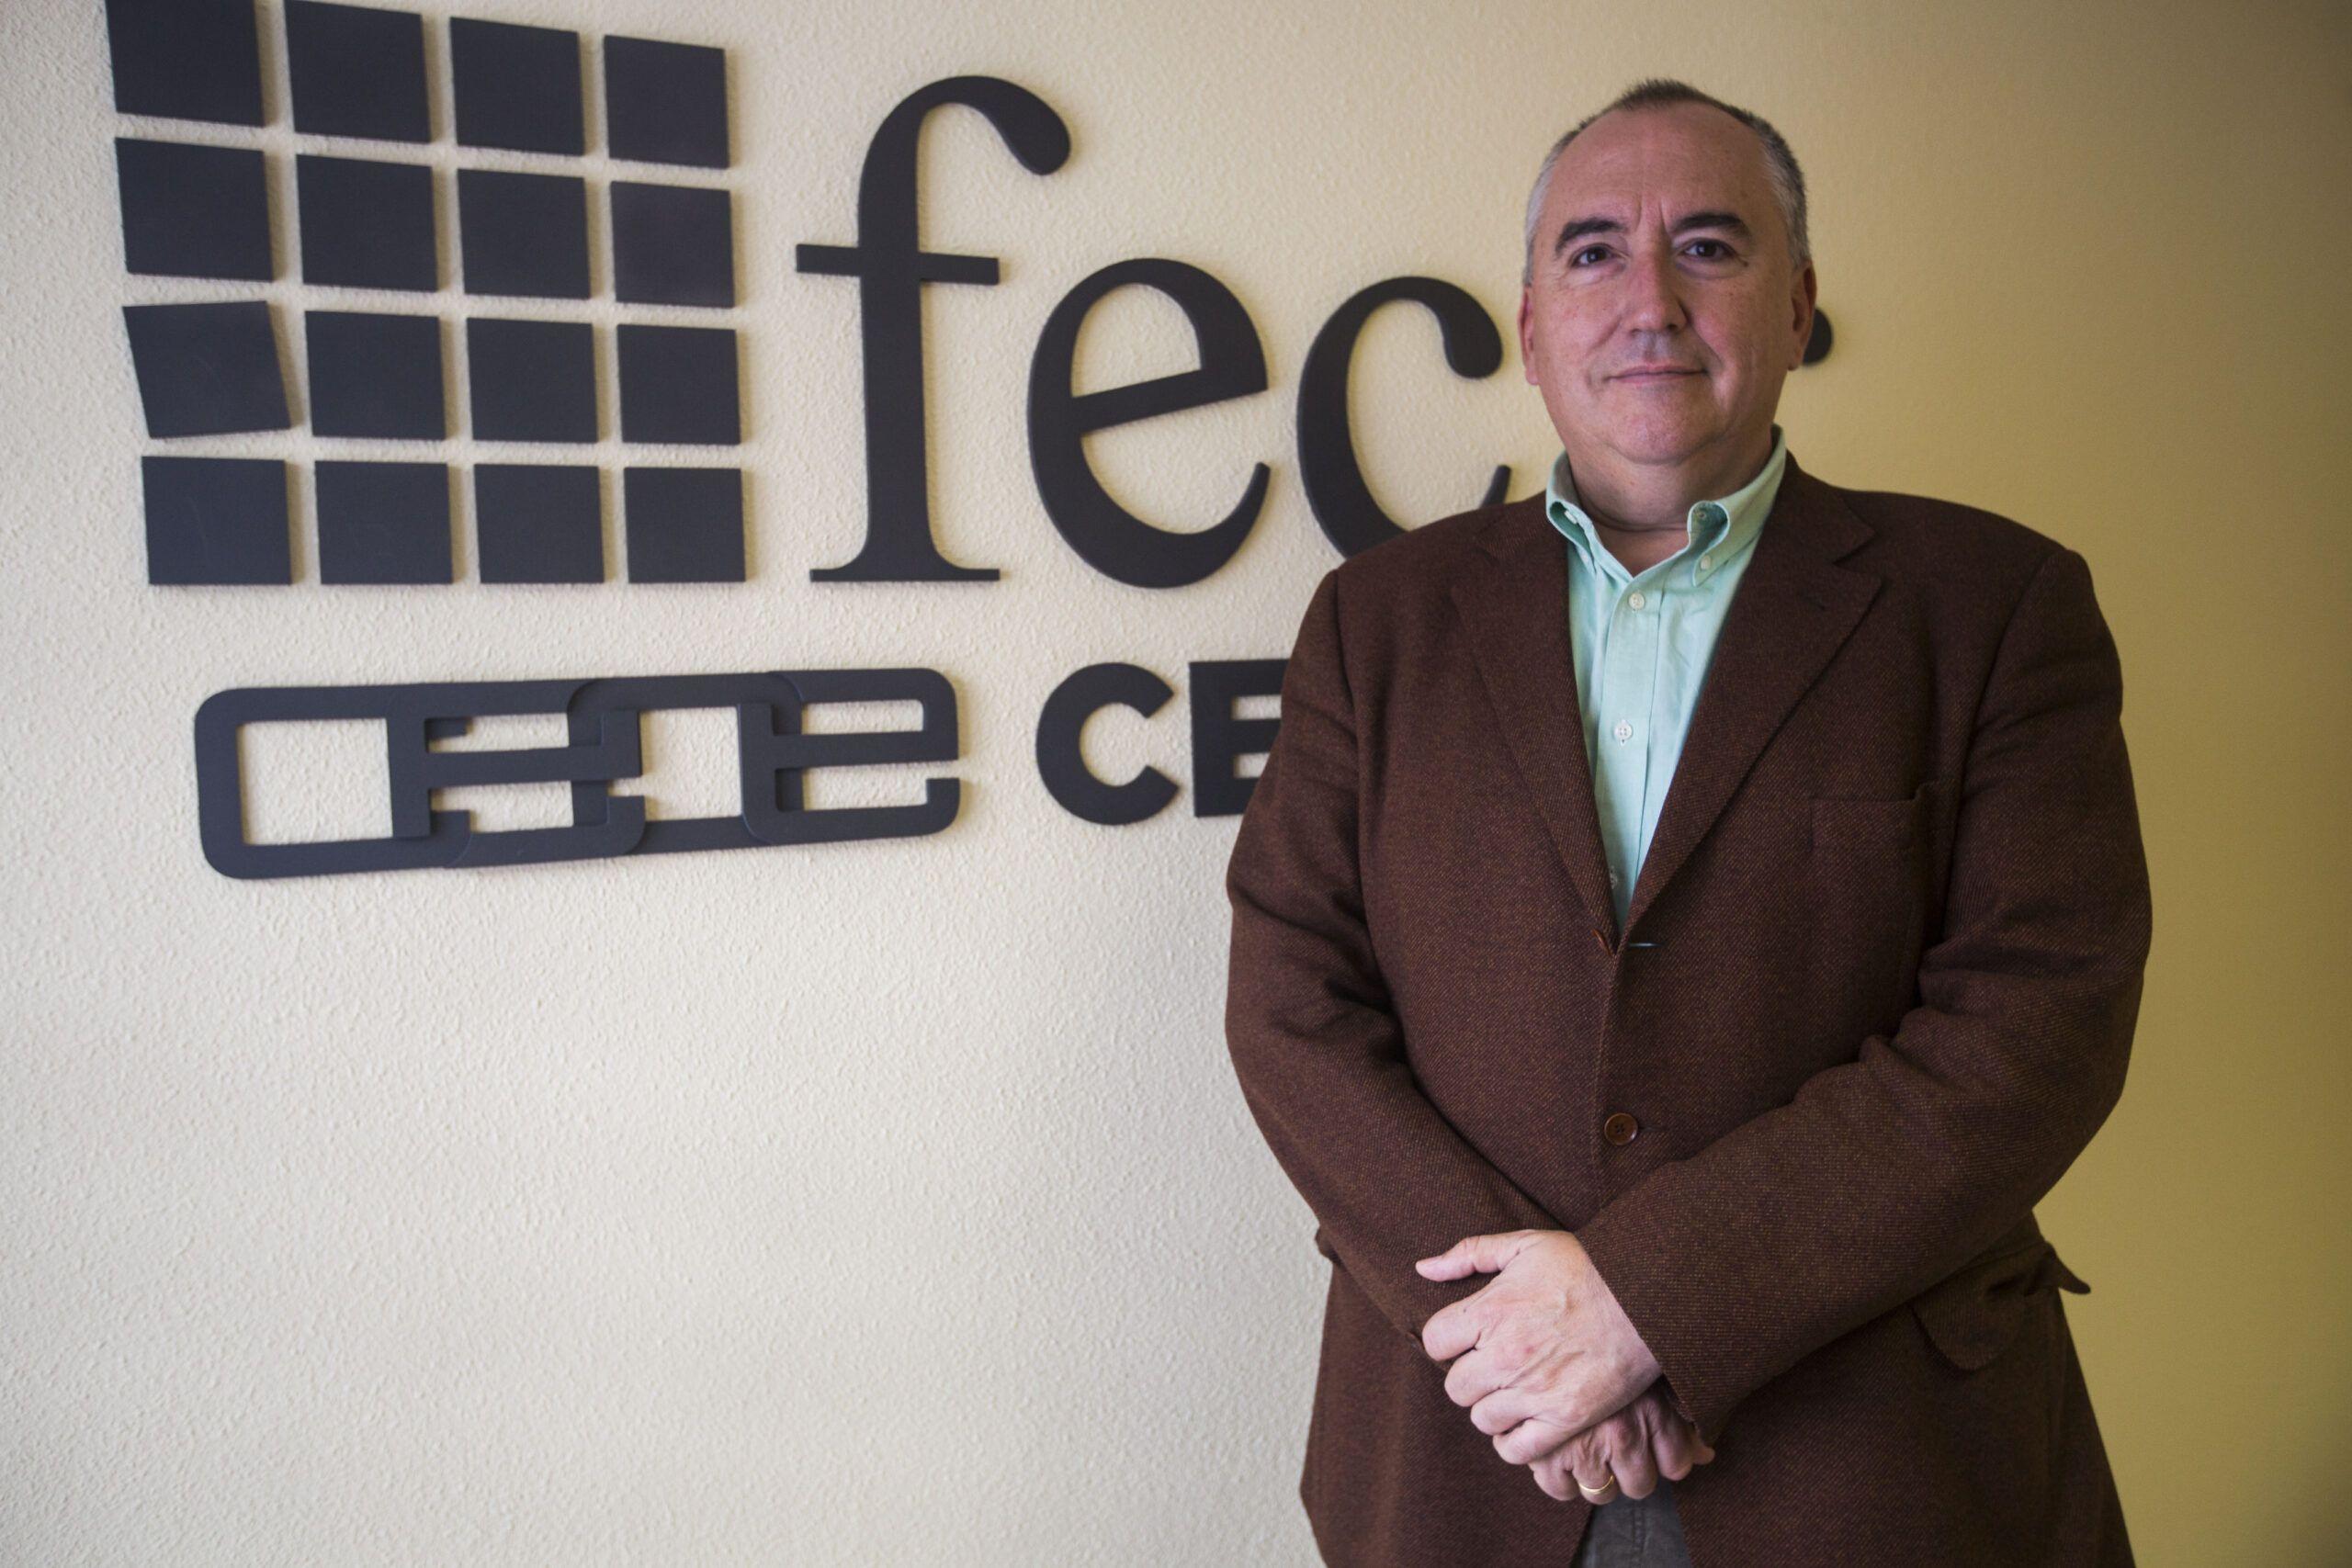 EL PRESIDENTE DE FECIR, CARLOS MARIN, SUBRAYA QUE LAS CIFRAS DEL PARO DENOTAN QUE LA SITUACION ECONOMICA SE VA DETERIORANDO